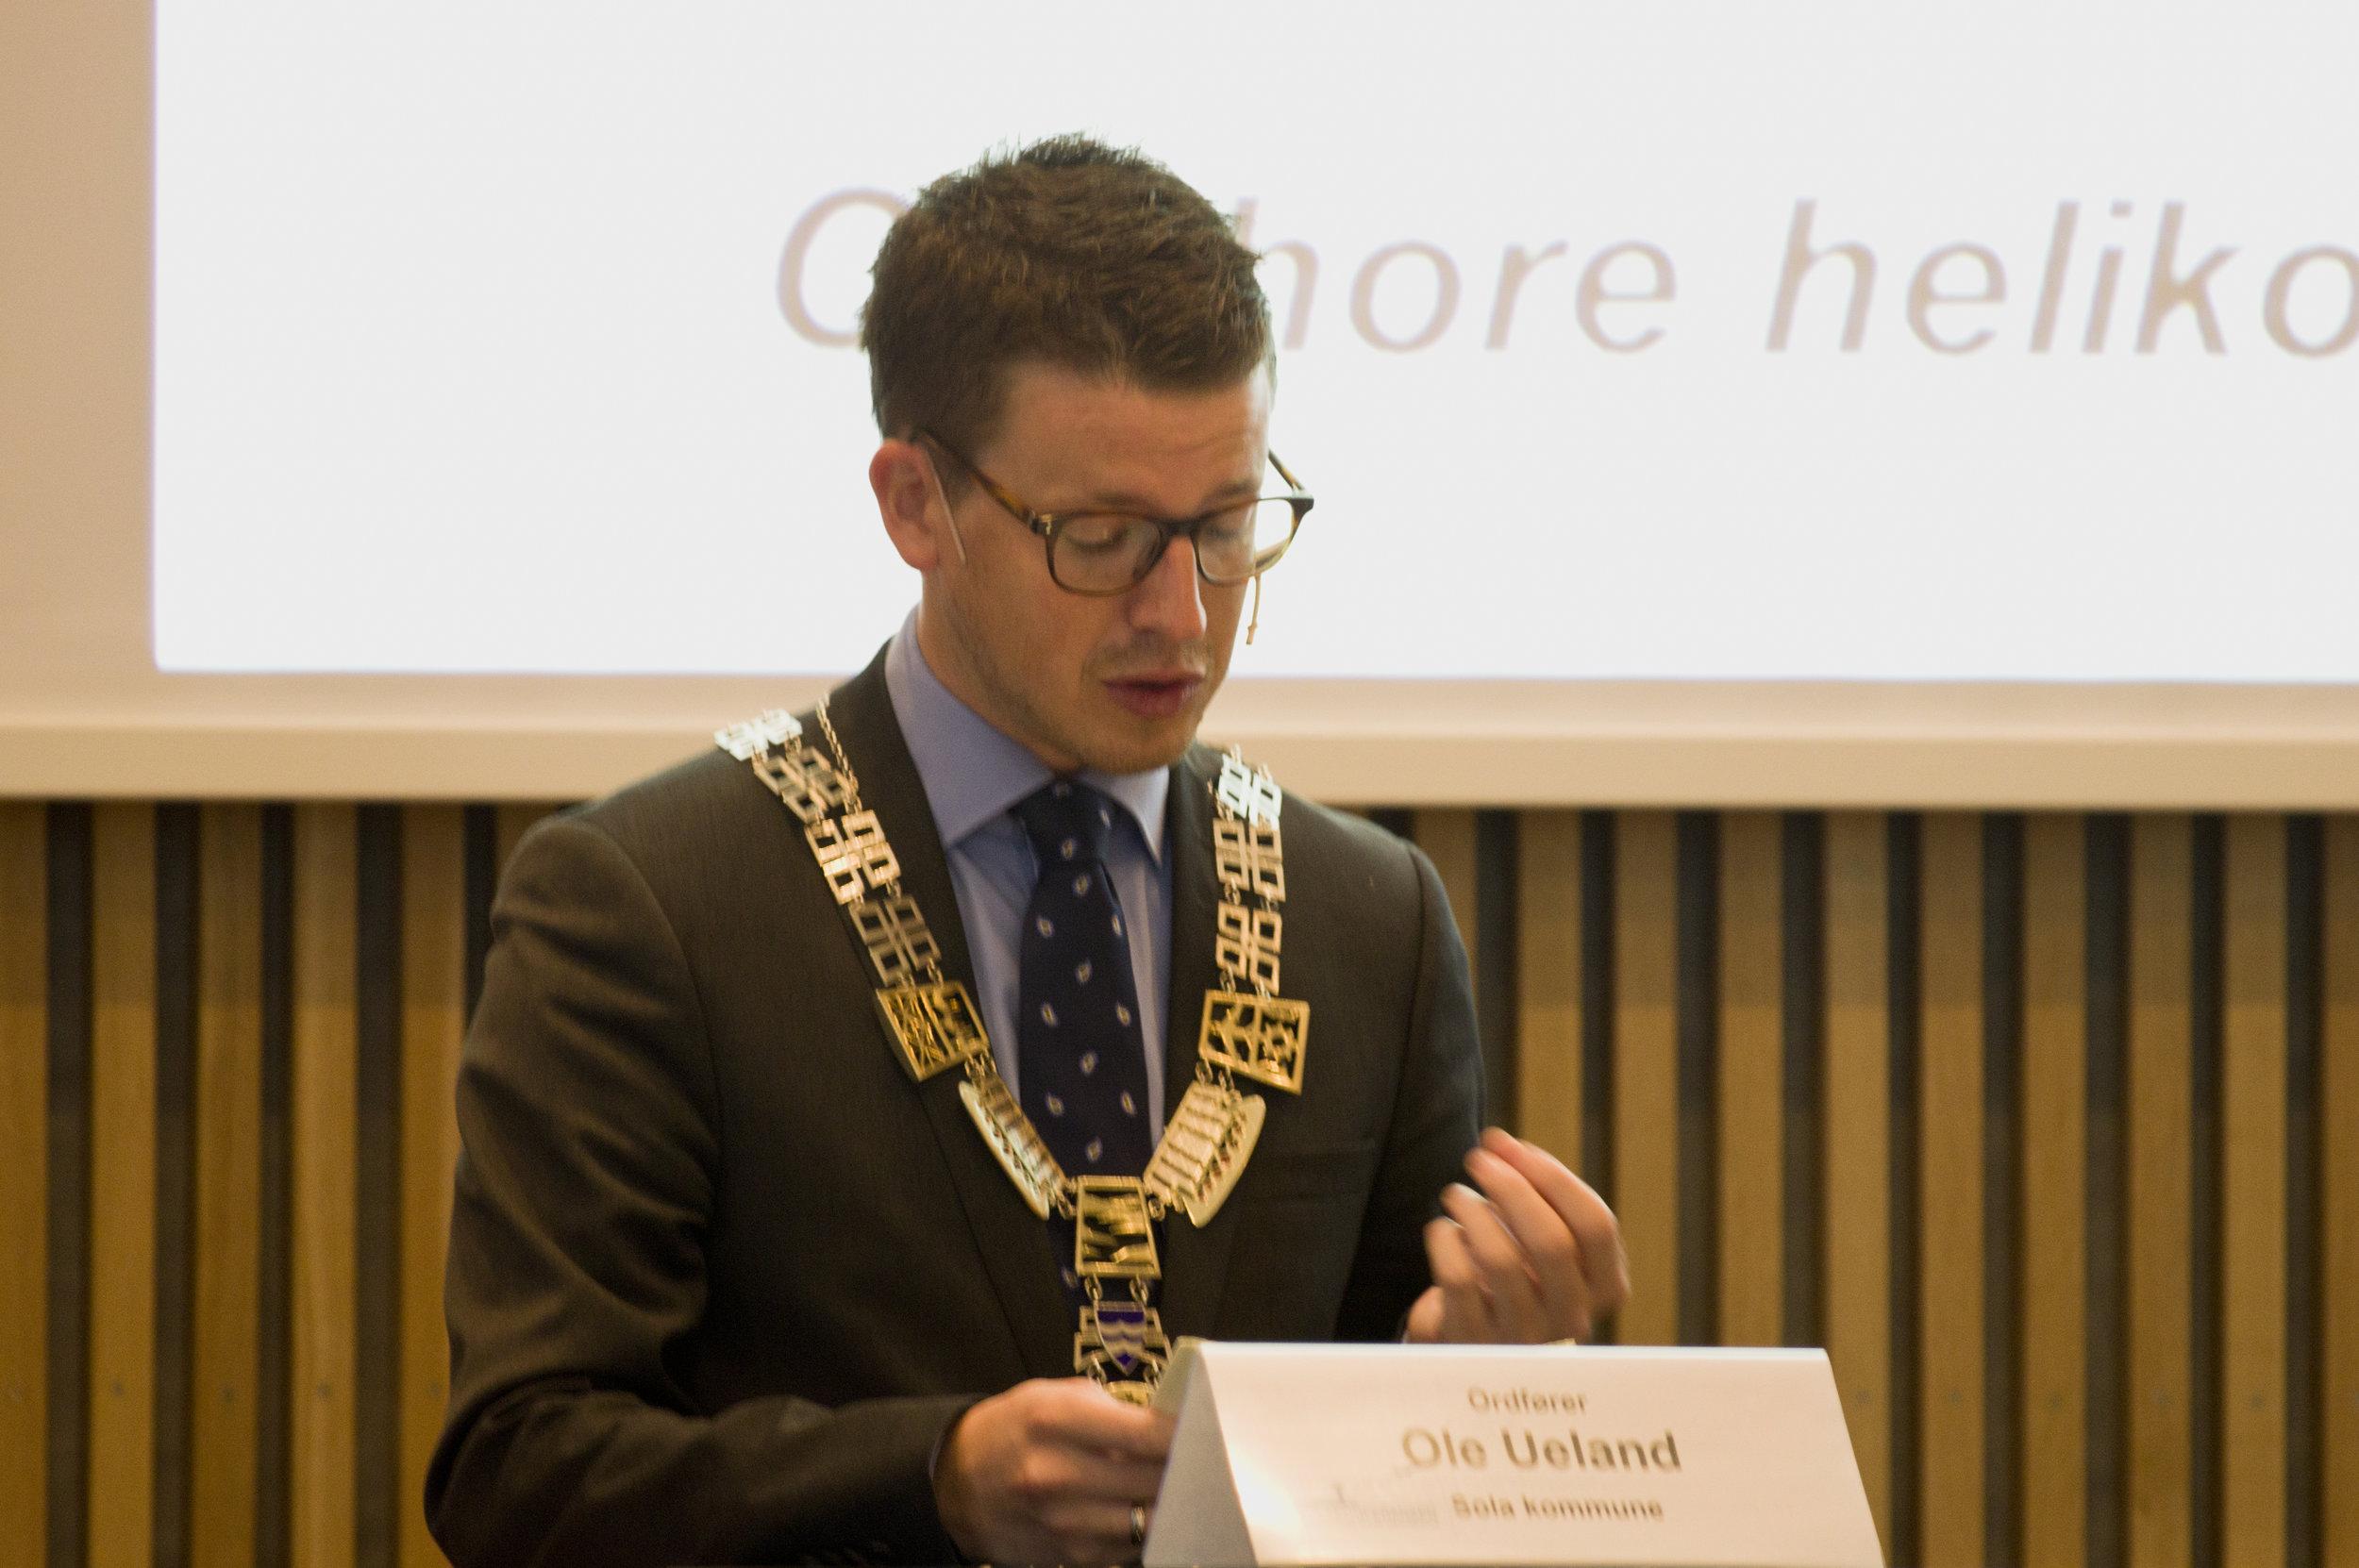 Ordfører Ole Ueland (4).JPG